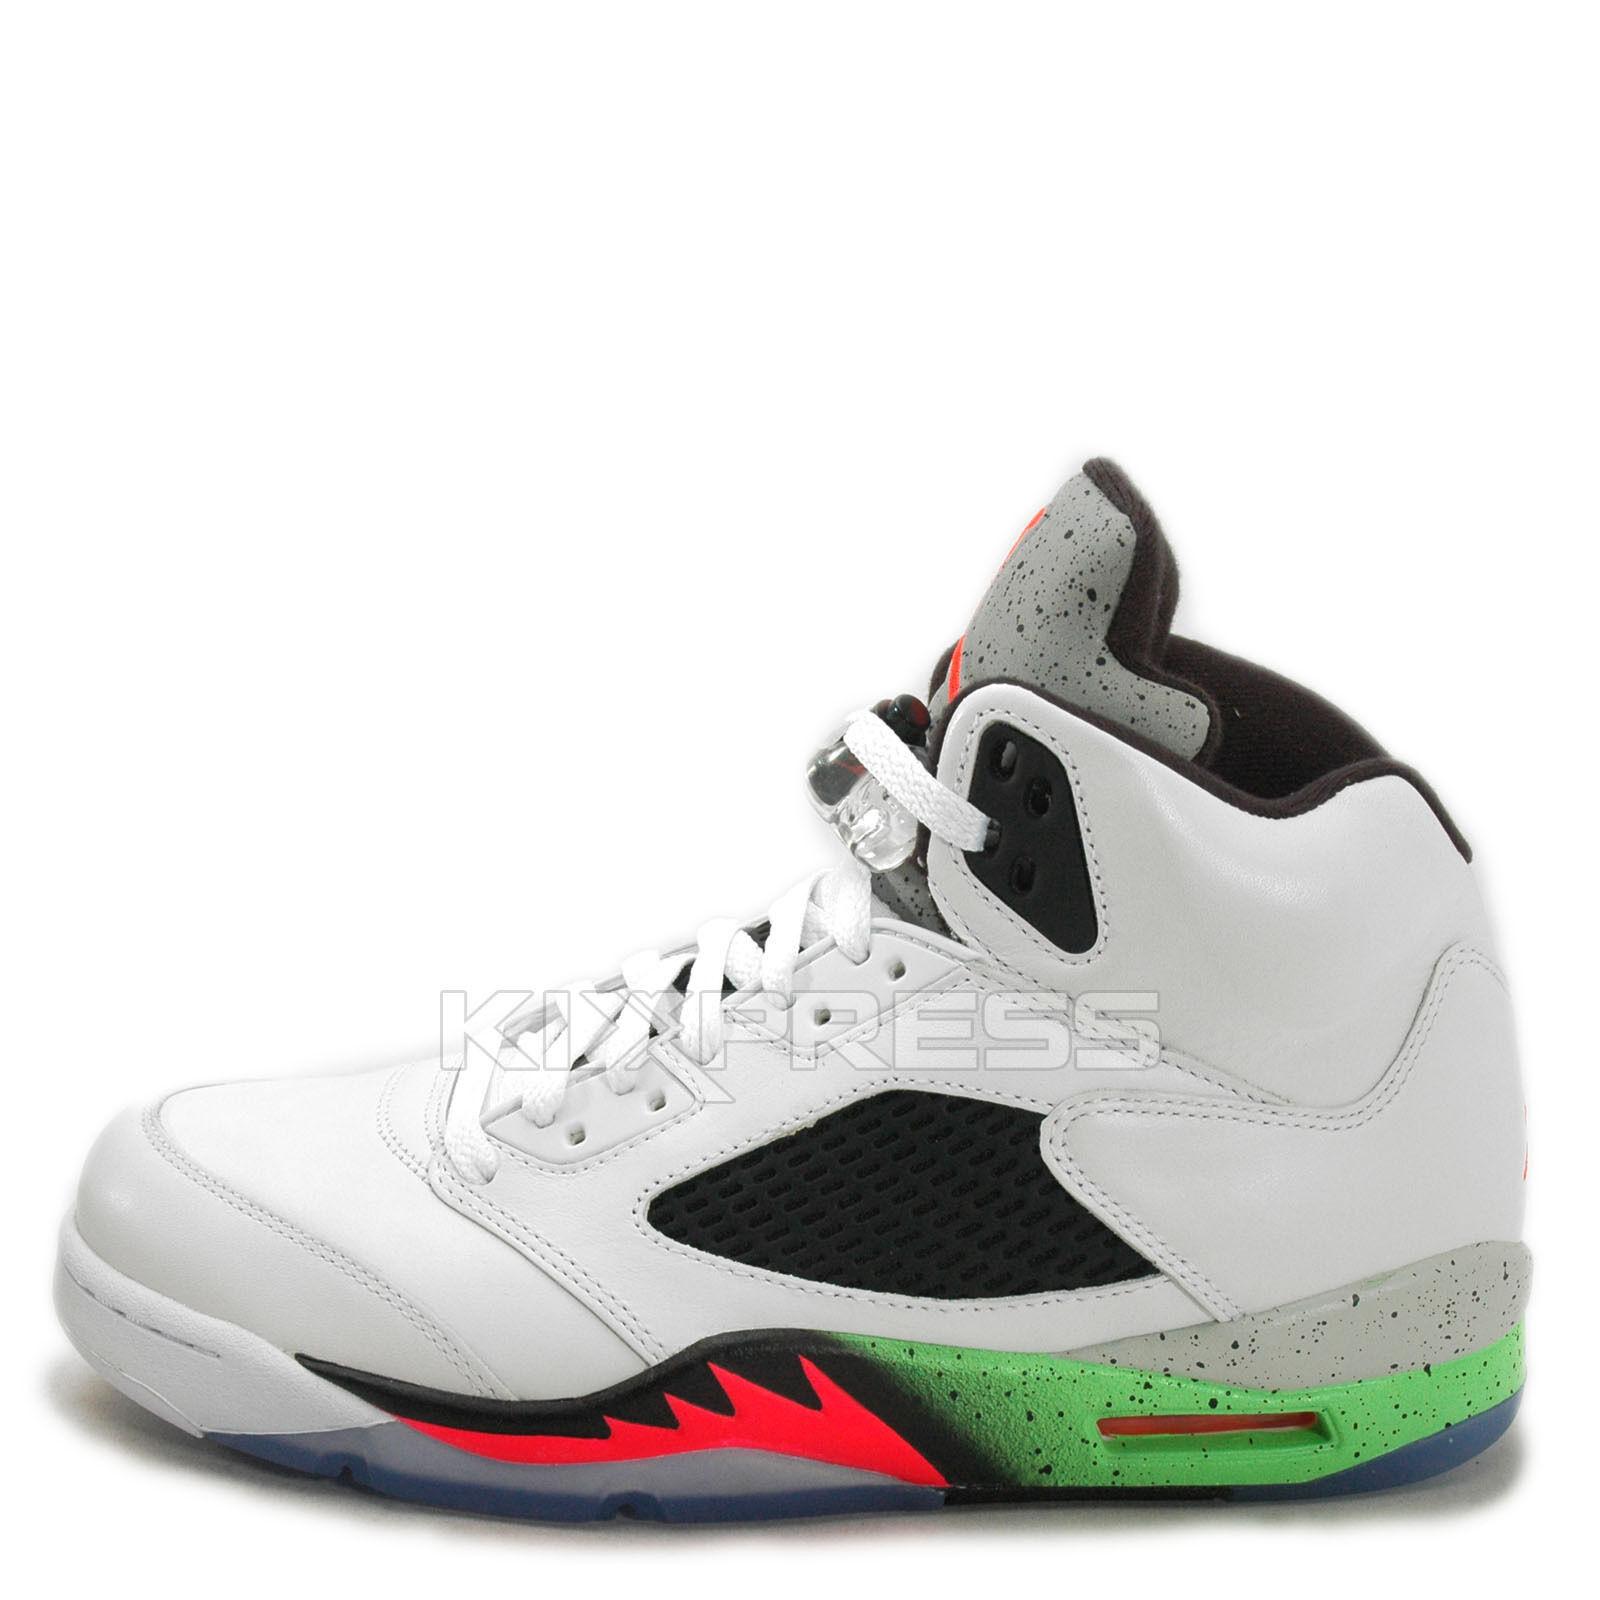 retro 1 jordan shoes white 115 791612